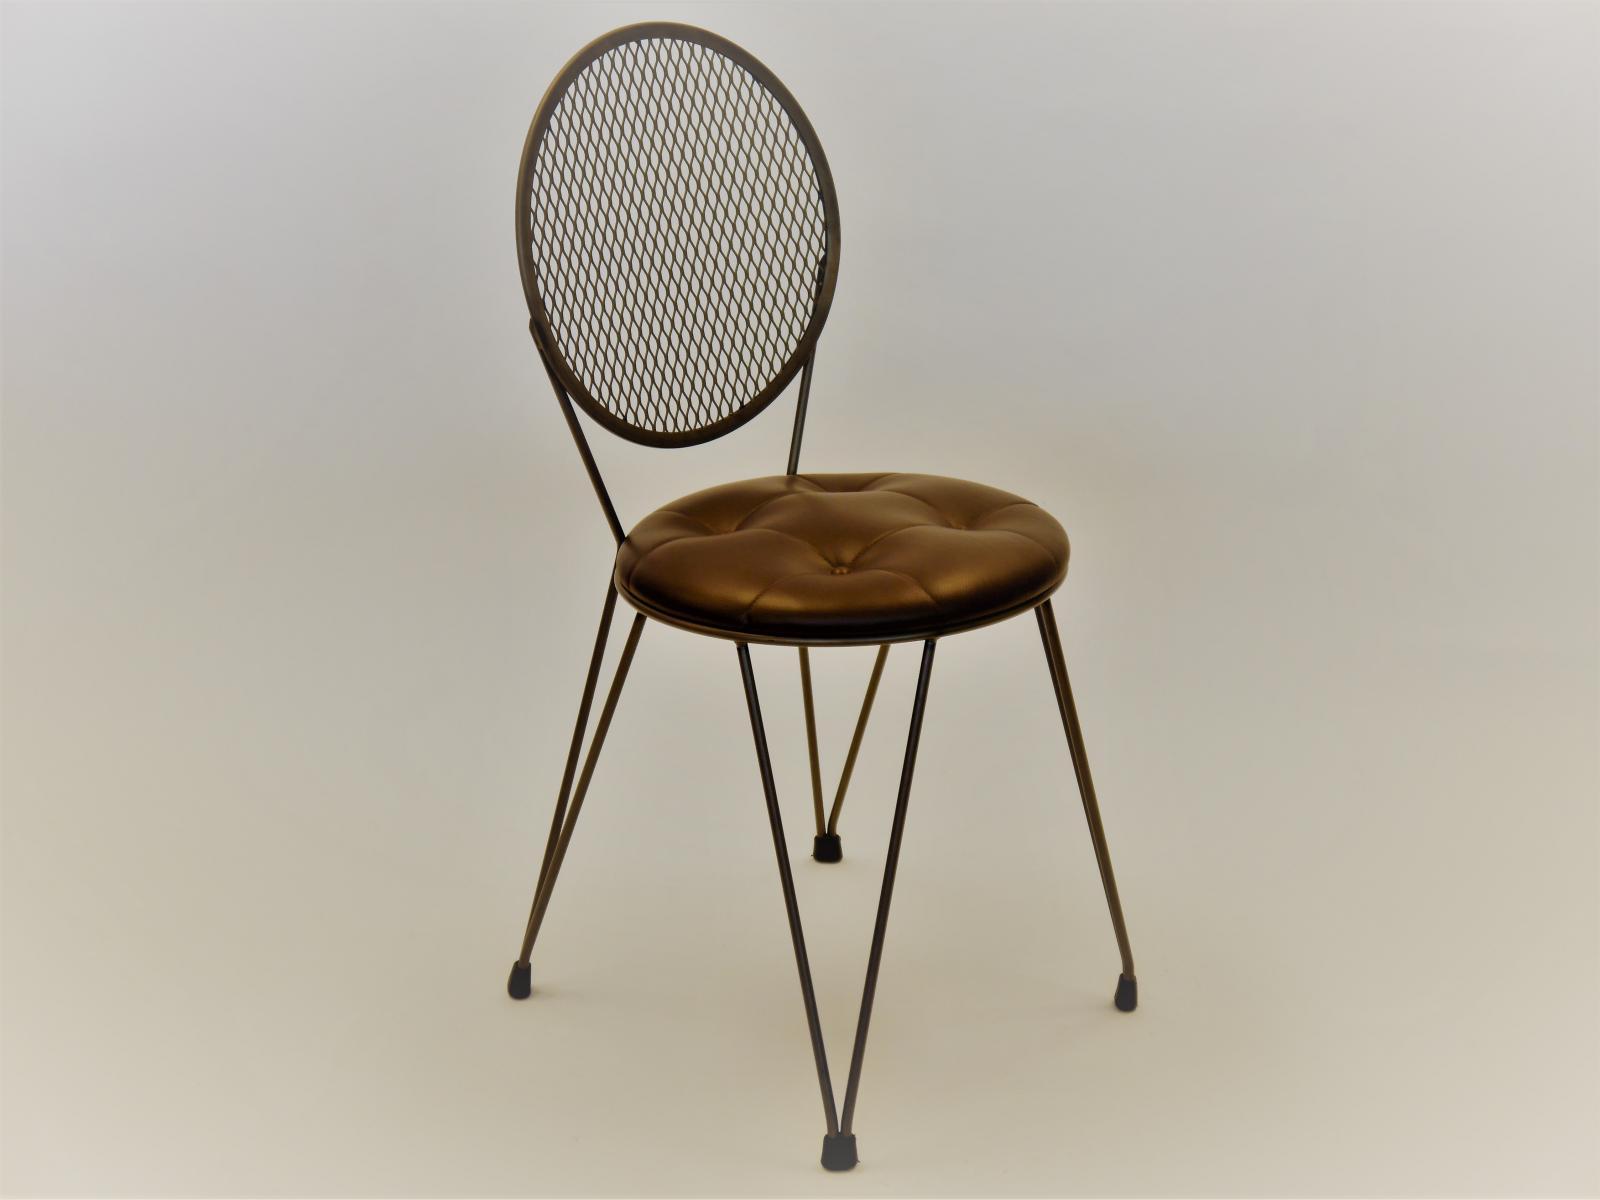 Silla Mariona en hierro natural con asiento en piel con capitone y botones